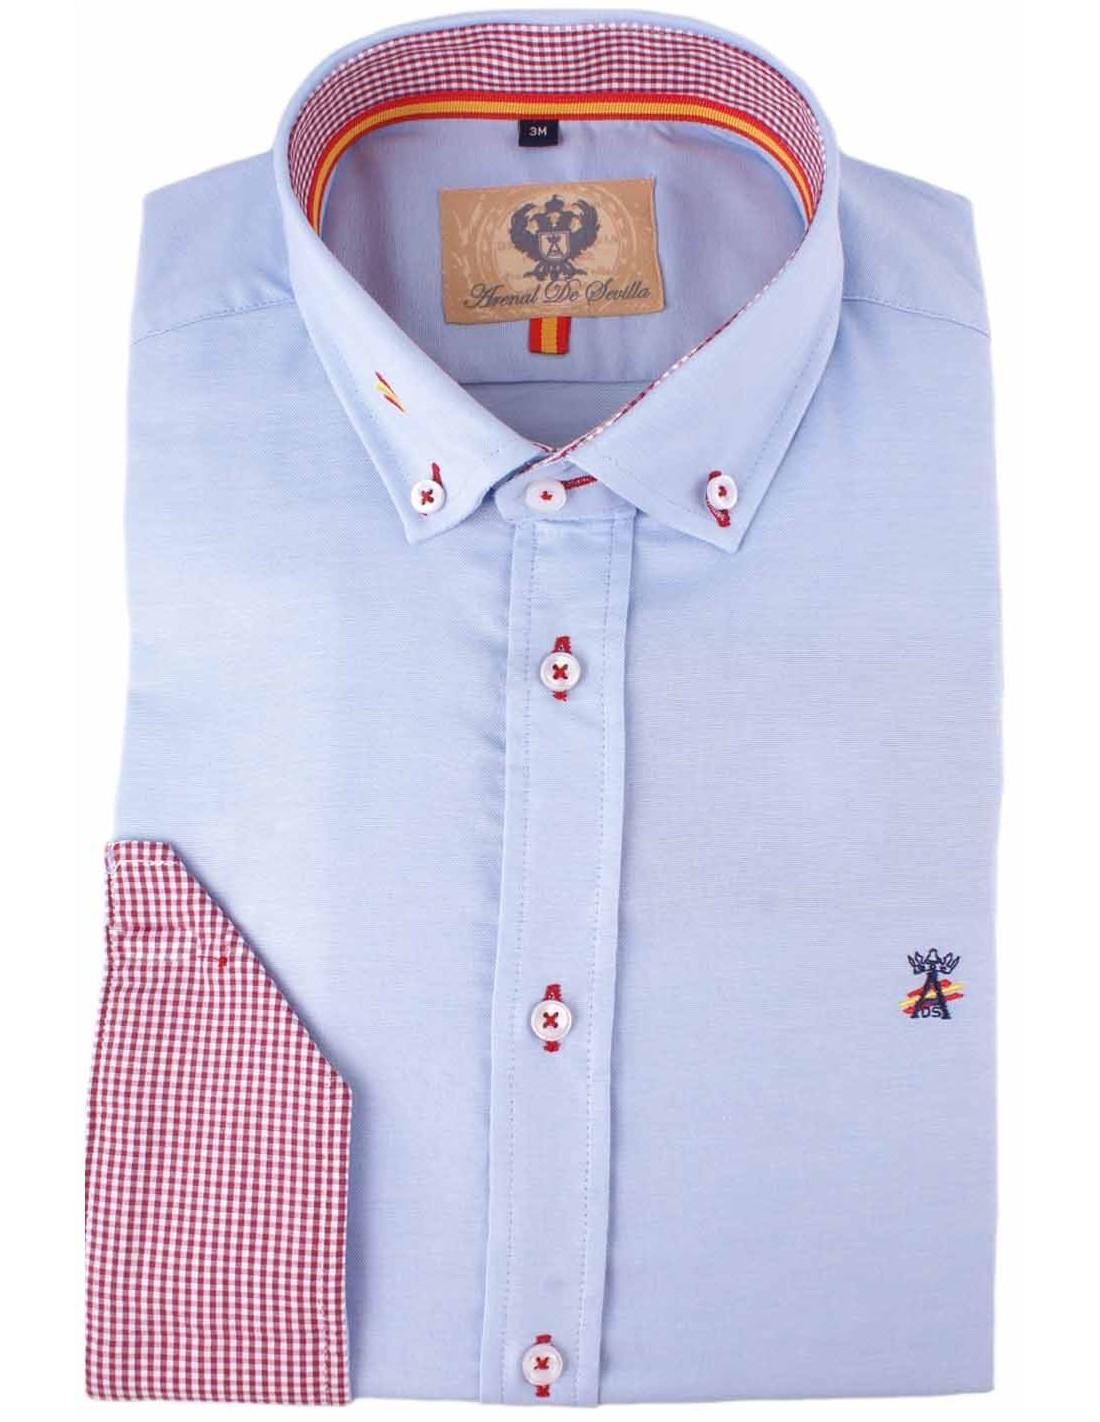 bde9e92cf Camisa celeste en oxford con detalles de la bandera de España